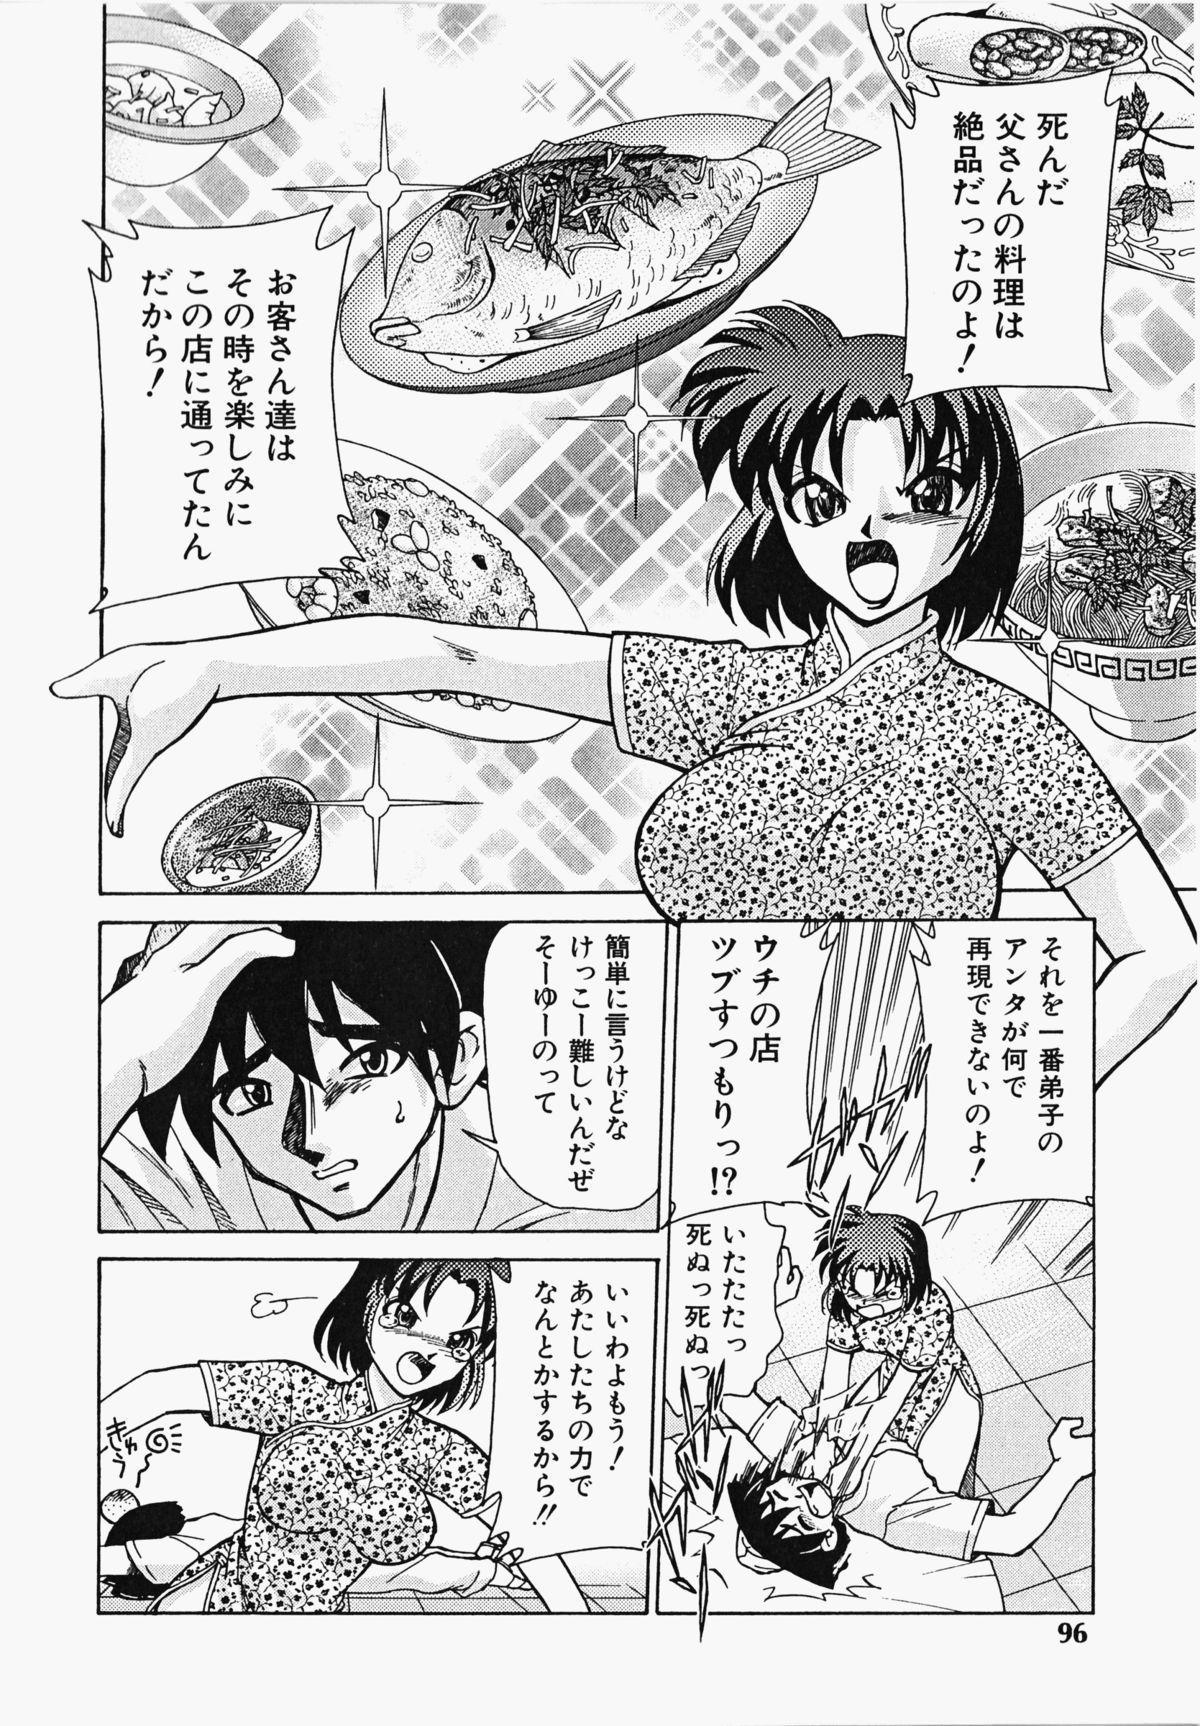 Shippo no Kimochi 96